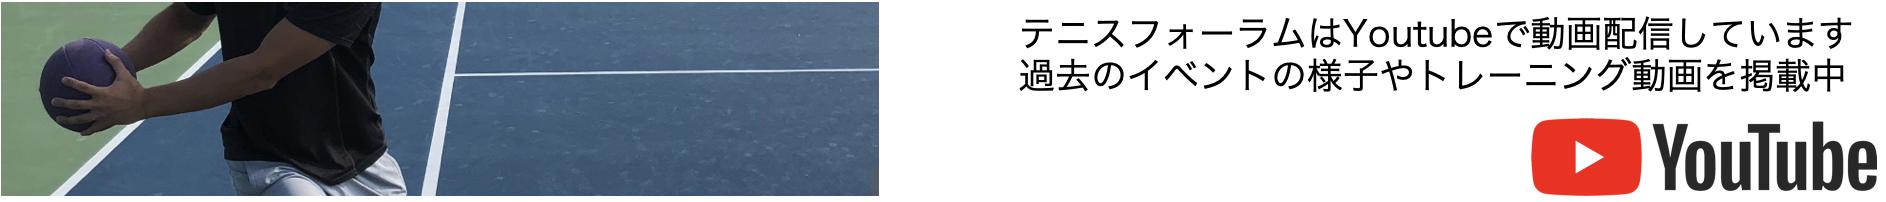 テニスフォーラム Youtubeチャンネル